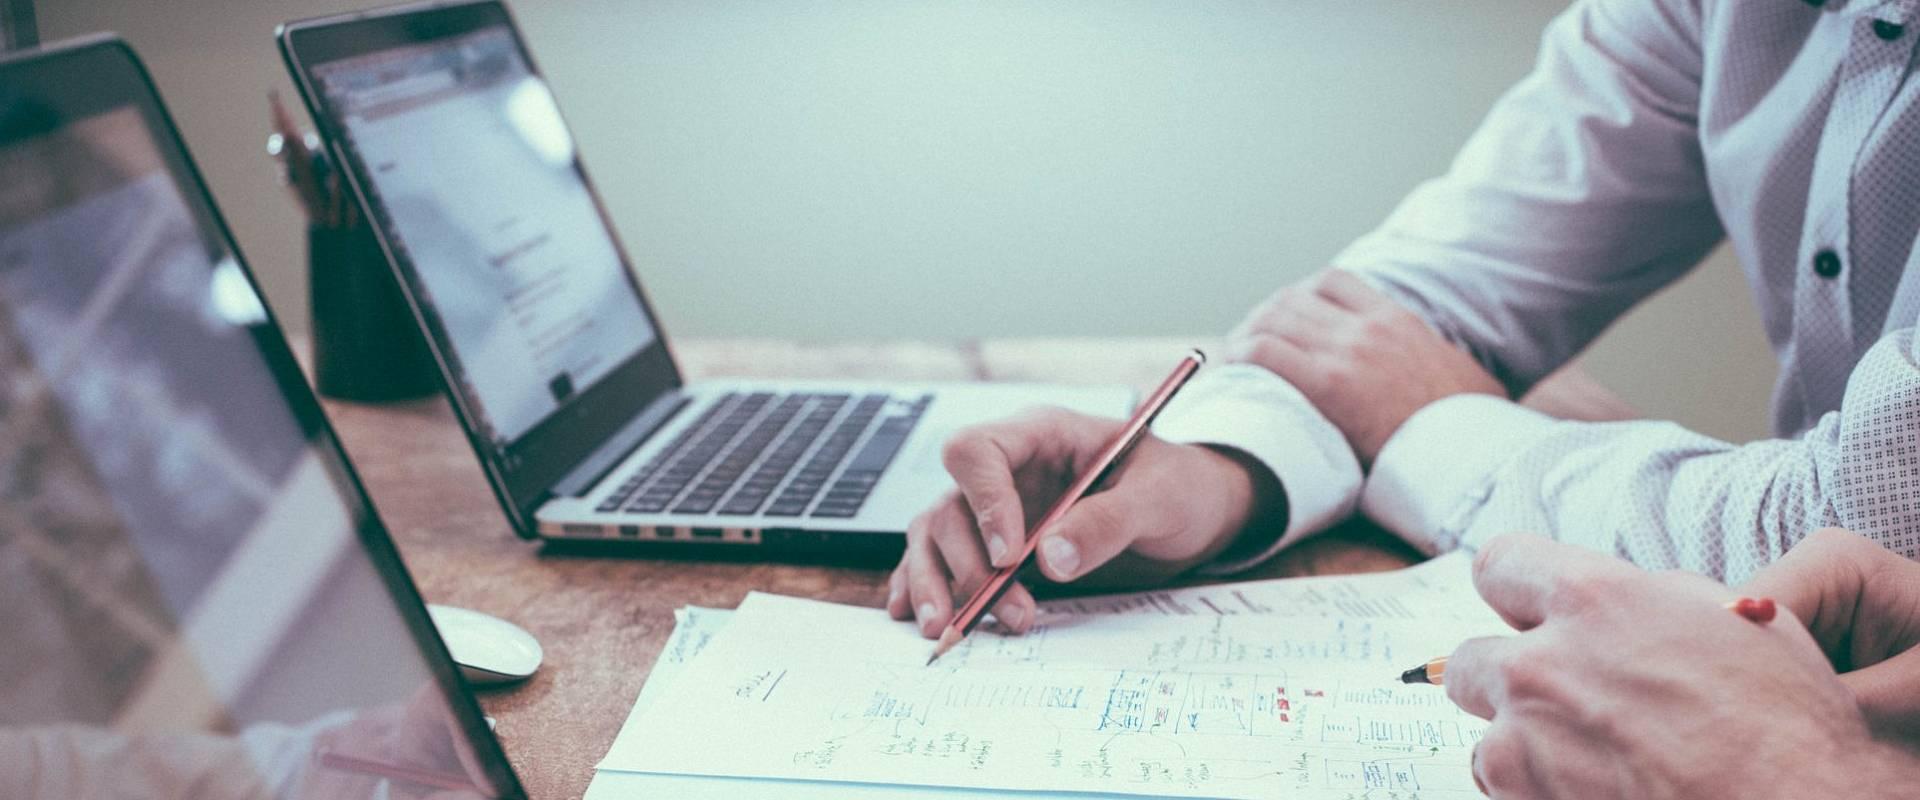 Staráte se o své WWW, nebo své podnikání?